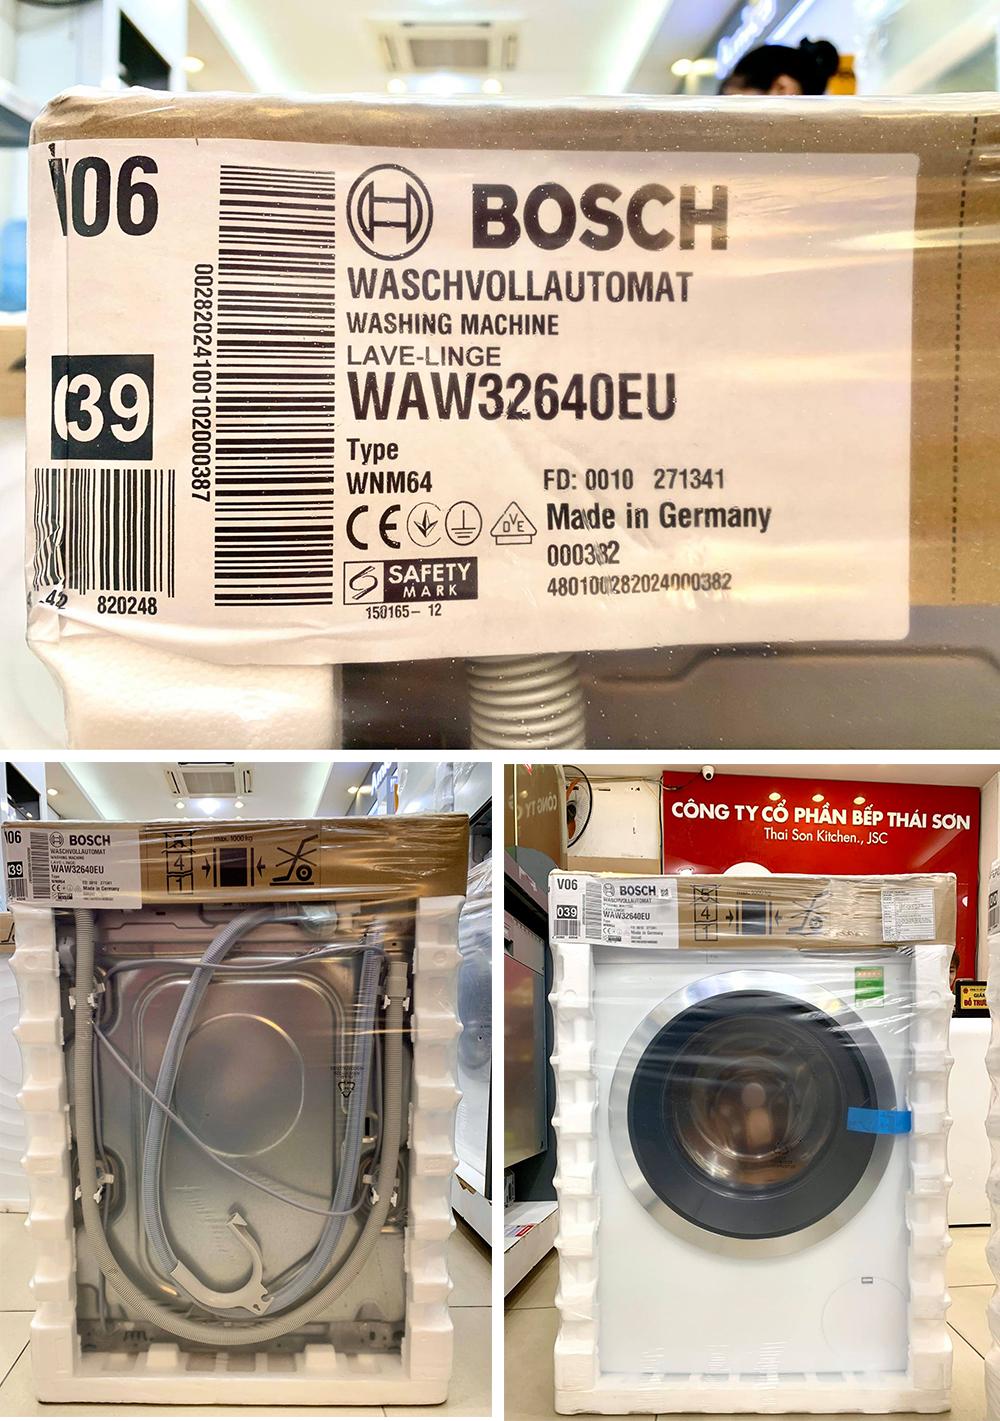 Máy giặt Bosch WAW32640EU bảo hành 03 năm HMH.